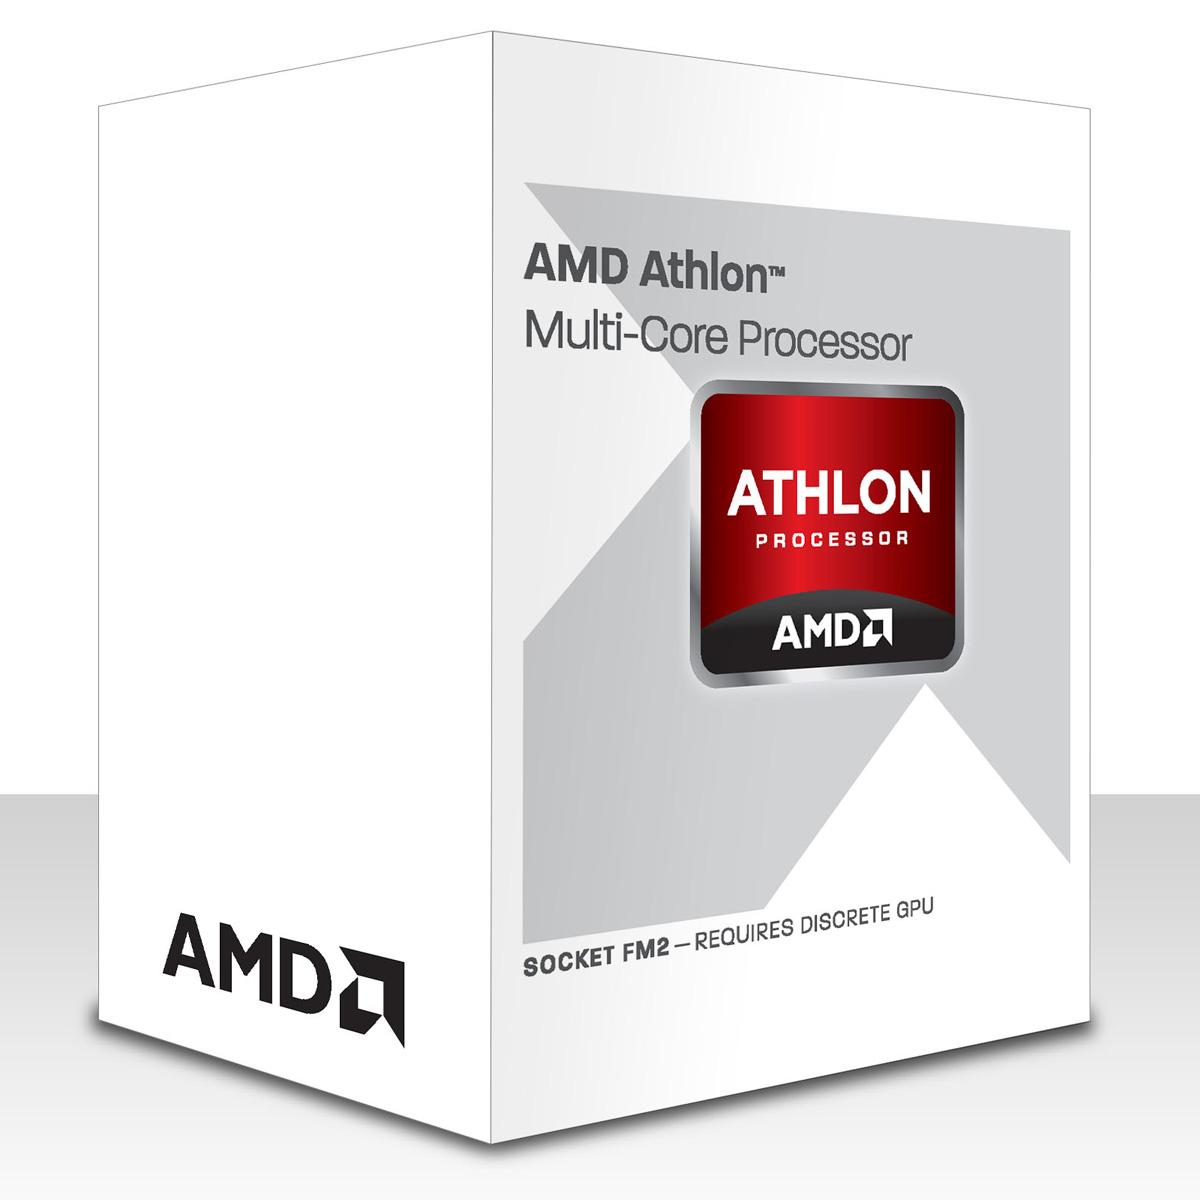 Processeur AMD Athlon X2 340 (3.2 GHz) Processeur Dual Core Socket FM2 0.032 micron Cache L2 1 Mo (version boîte - garantie constructeur 3 ans)